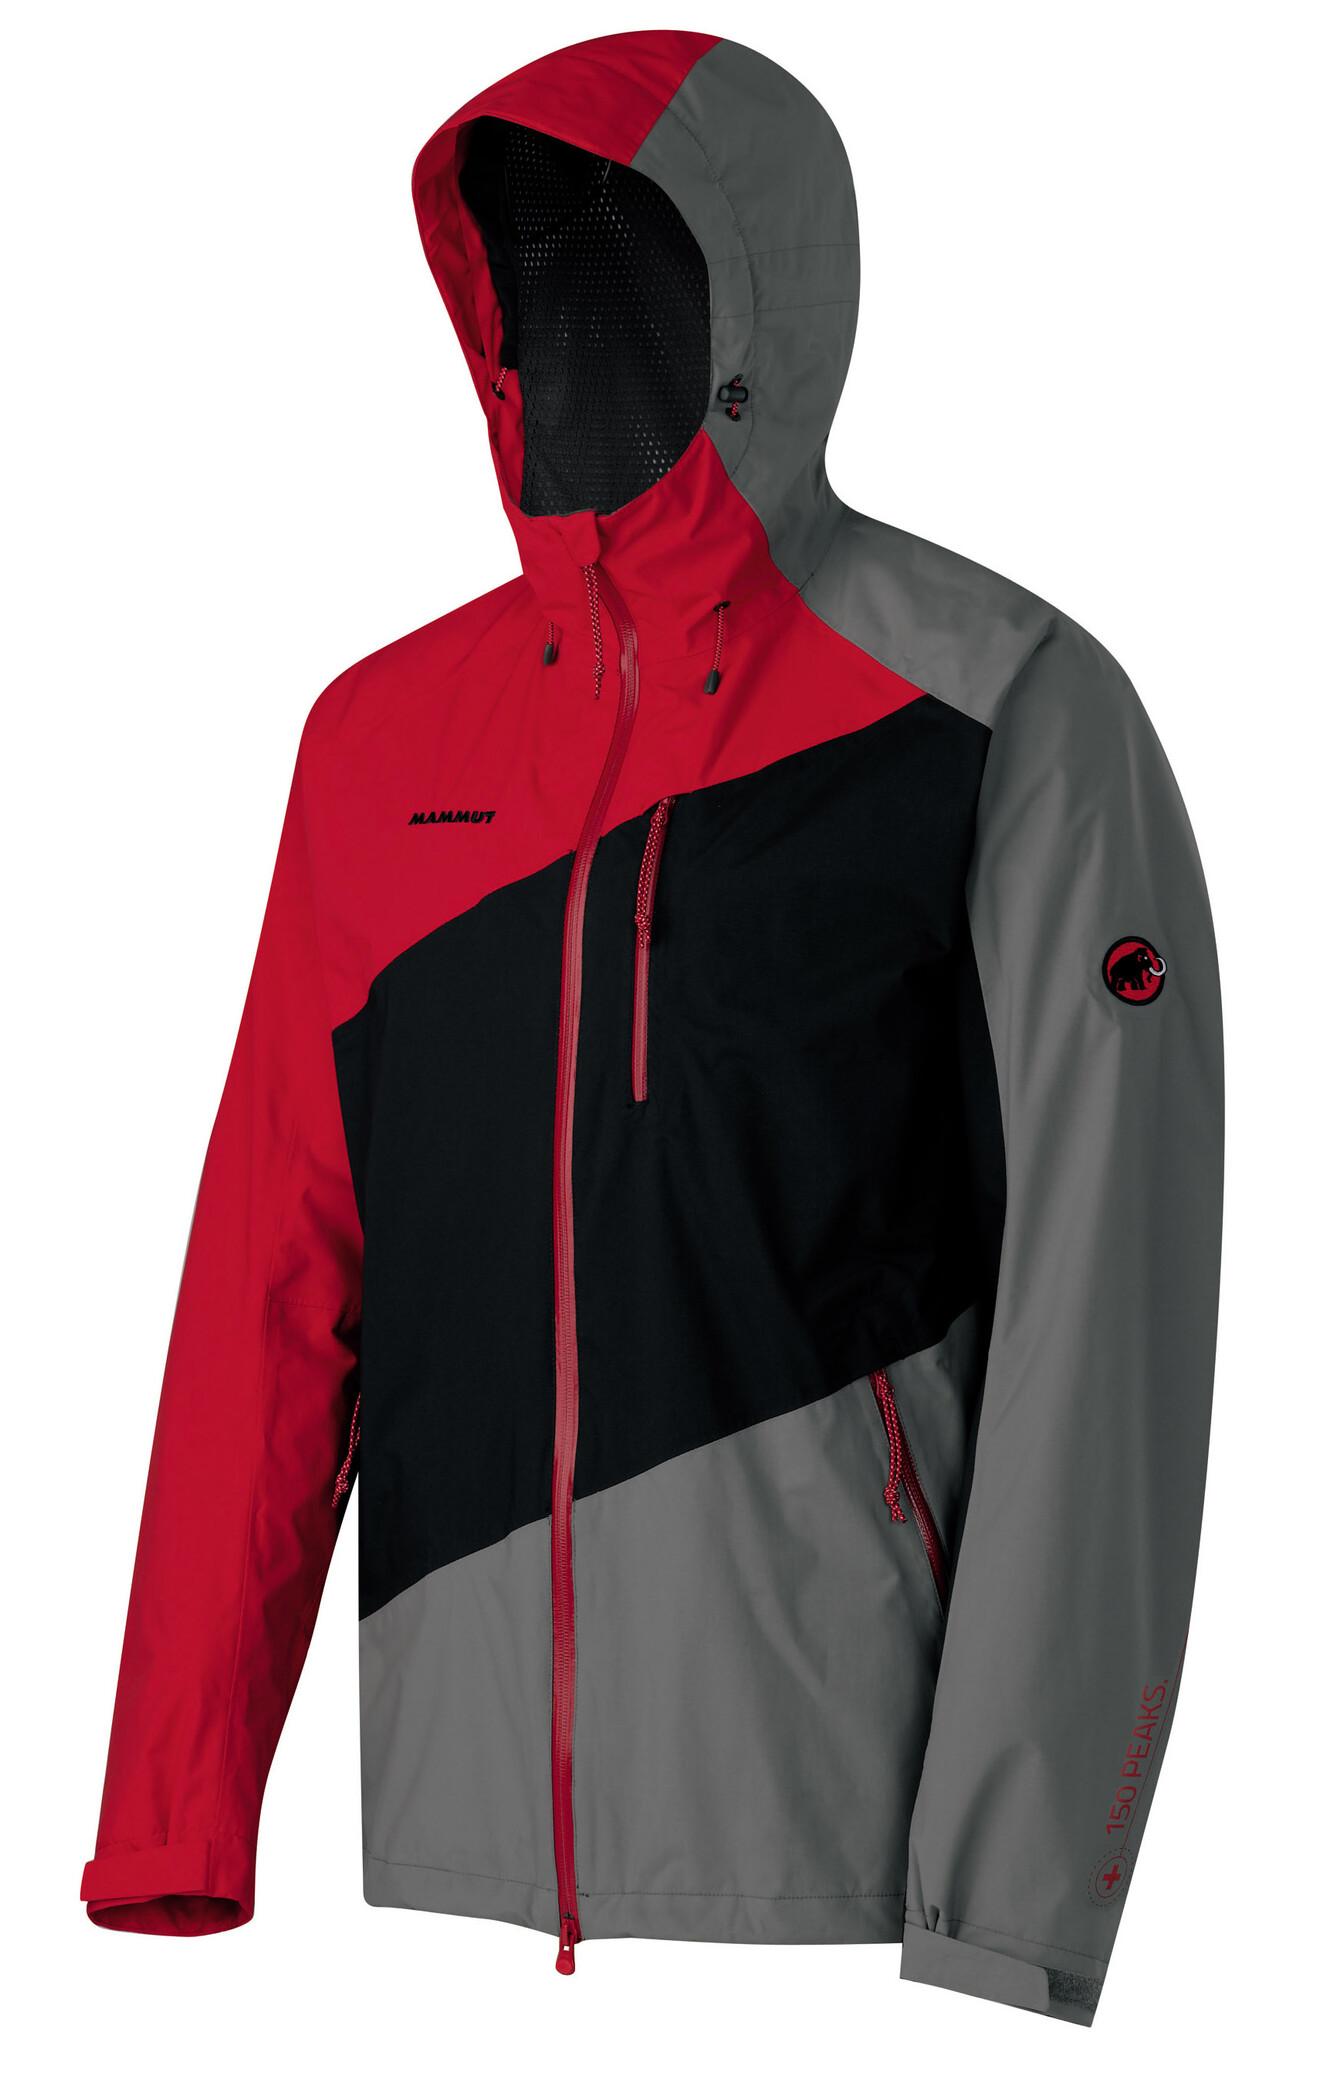 Mammut Keele Jacket Men black-inferno - Auslaufware XL jacke~oberteil~Bekleidung~Outdoor~outdoorjacke~outdoorbekleidung~hardshelljacke~hardshell jacke